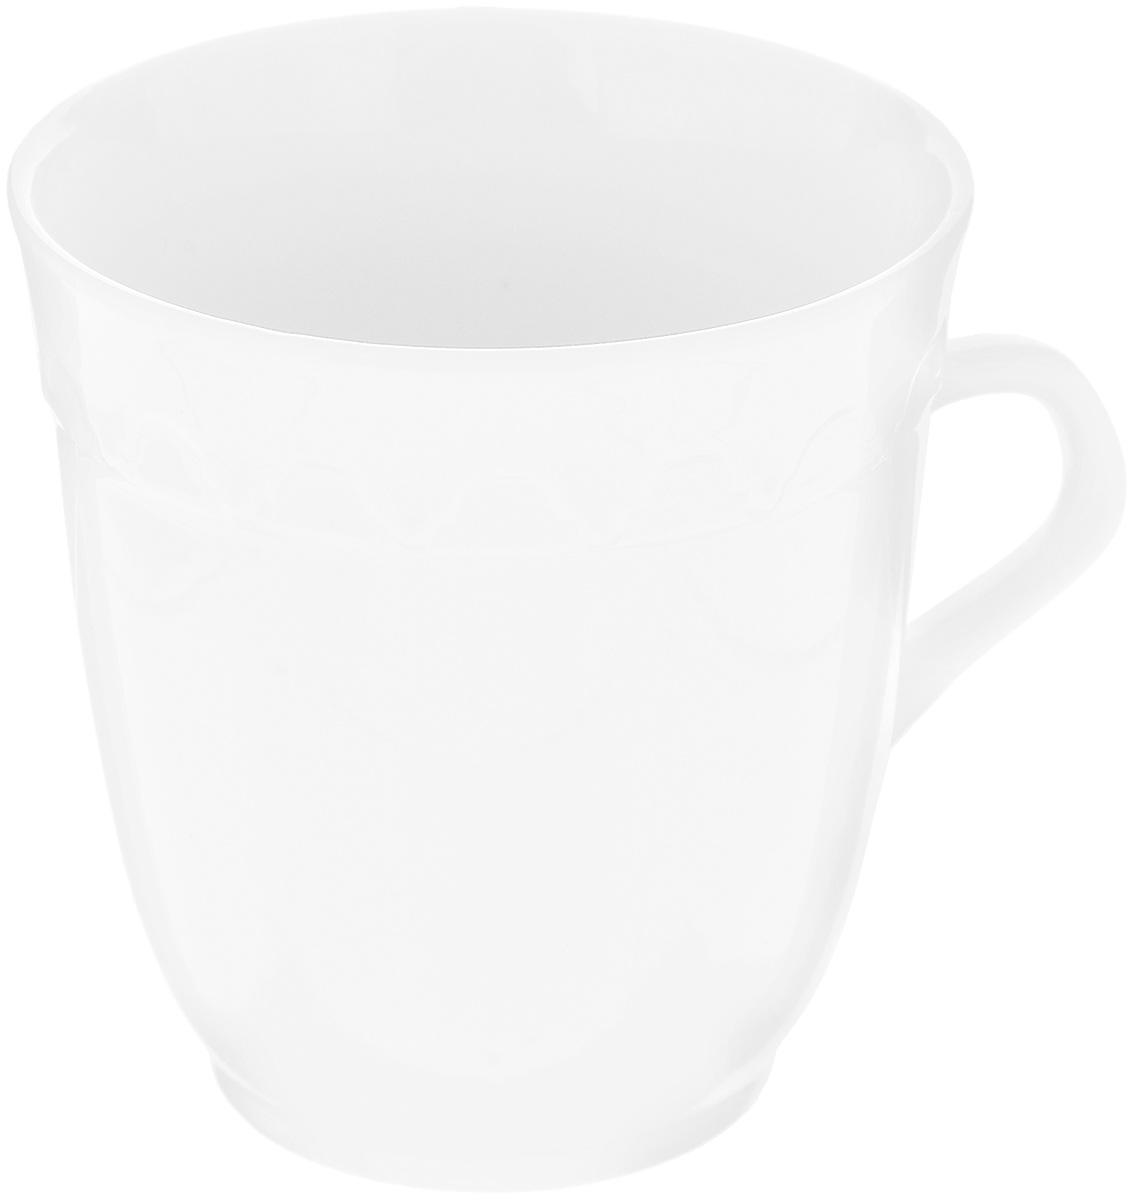 Кружка Фарфор Вербилок Арабеска, 250 мл. 3640000Б3640000БКружка Фарфор Вербилок Арабеска способна скрасить любое чаепитие. Изделие выполнено из высококачественного фарфора. Посуда из такого материала позволяет сохранить истинный вкус напитка, а также помогает ему дольше оставаться теплым. Диаметр по верхнему краю: 8,3 см. Высота кружки: 9 см.